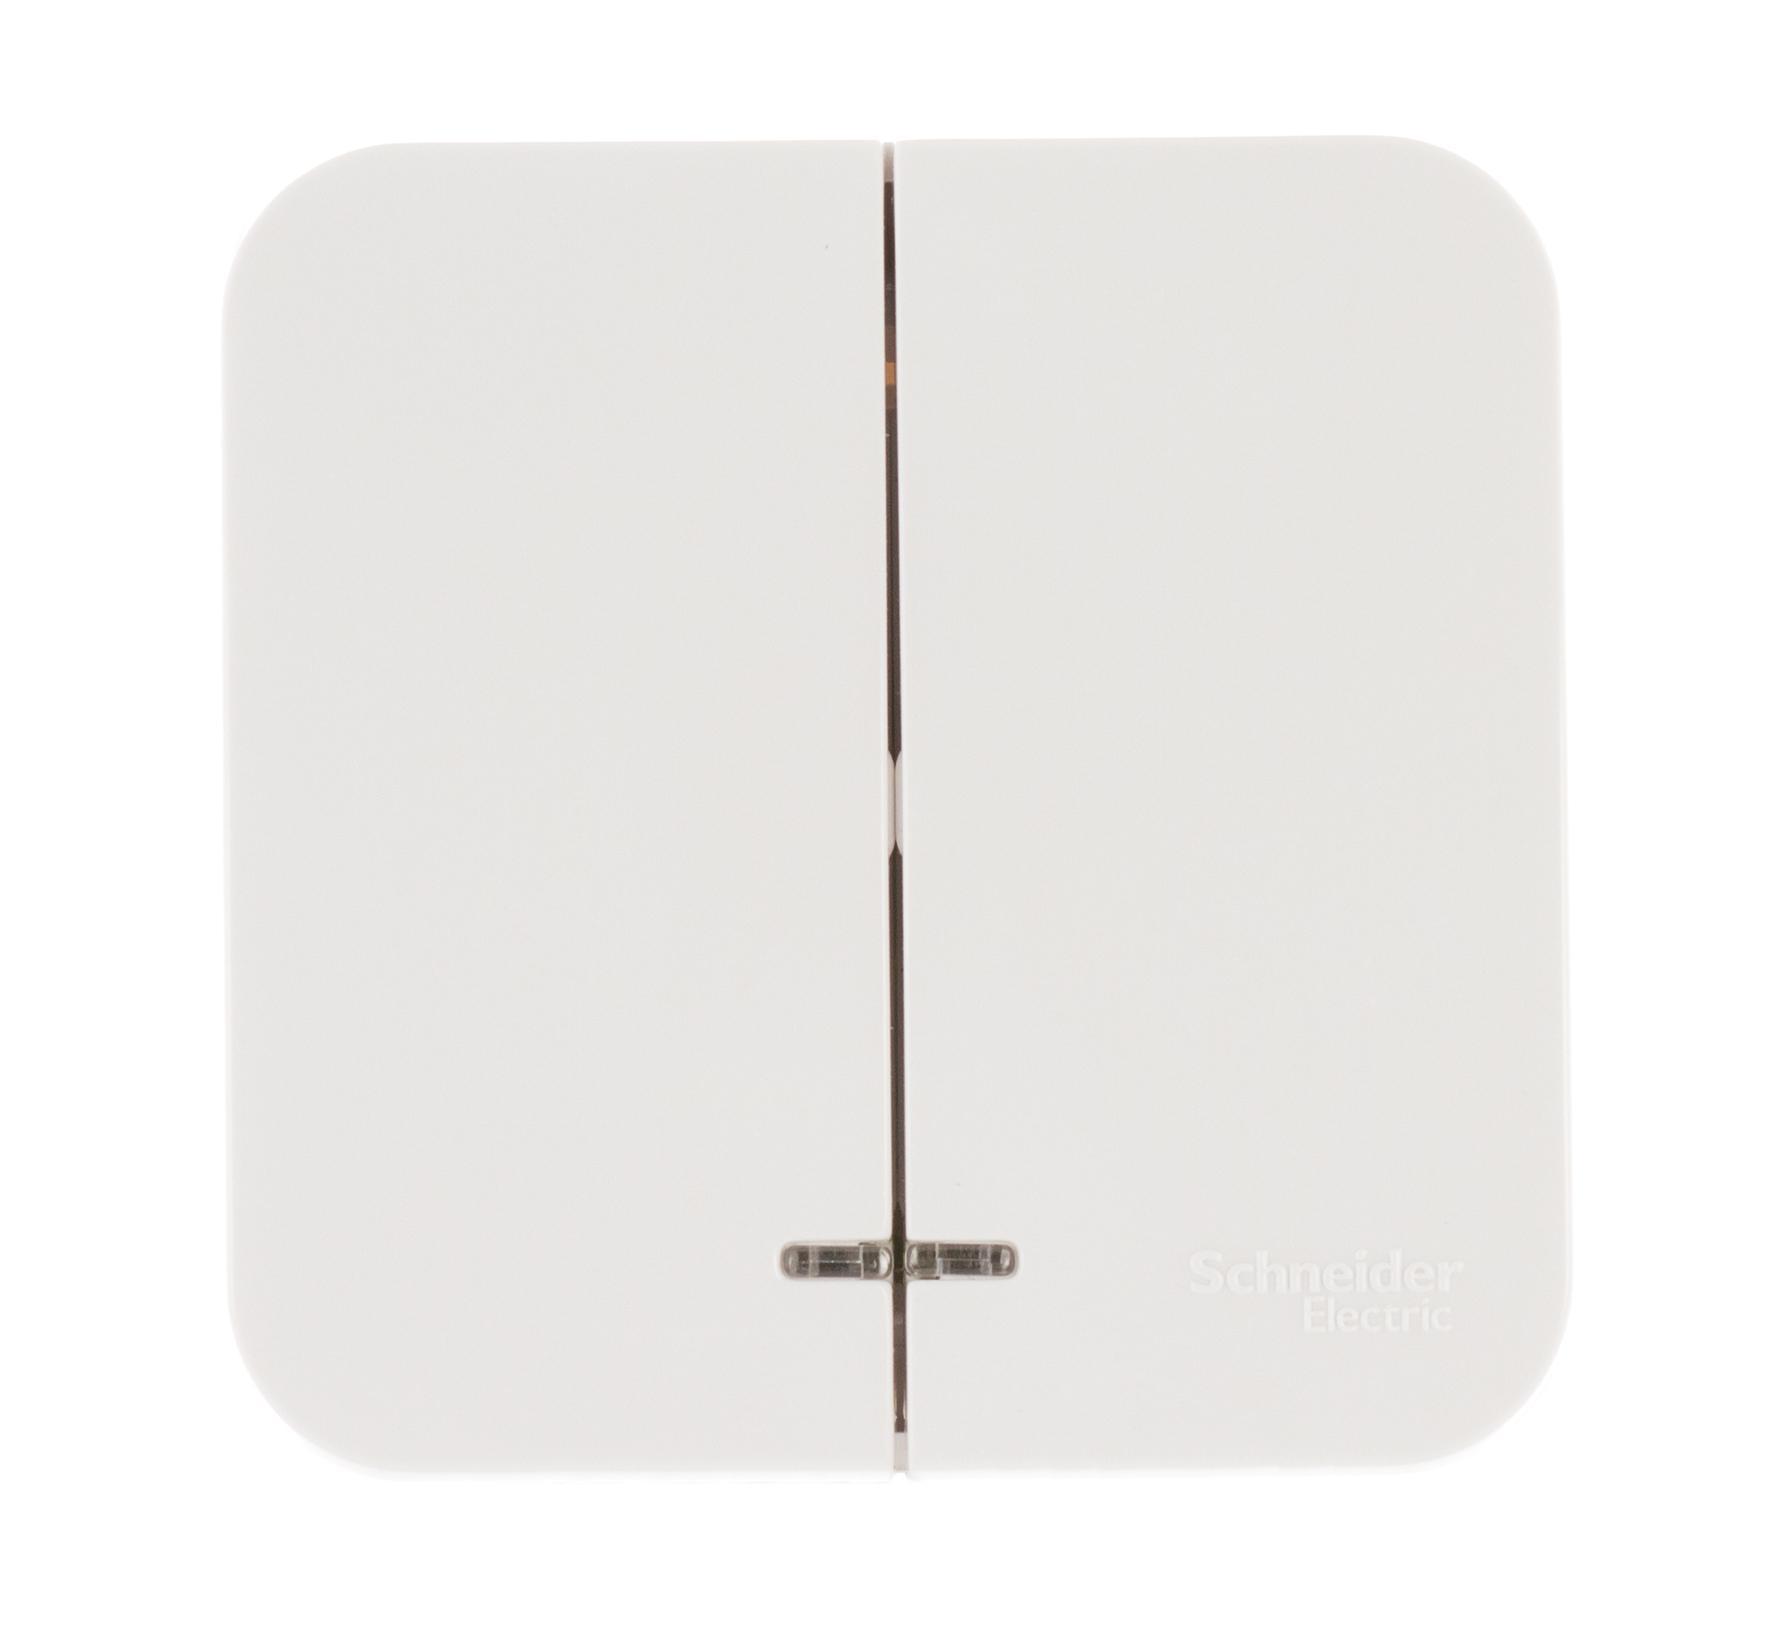 Выключатель Schneider electric Blnva105111 blanca выключатель schneider electric blnva101013 blanca